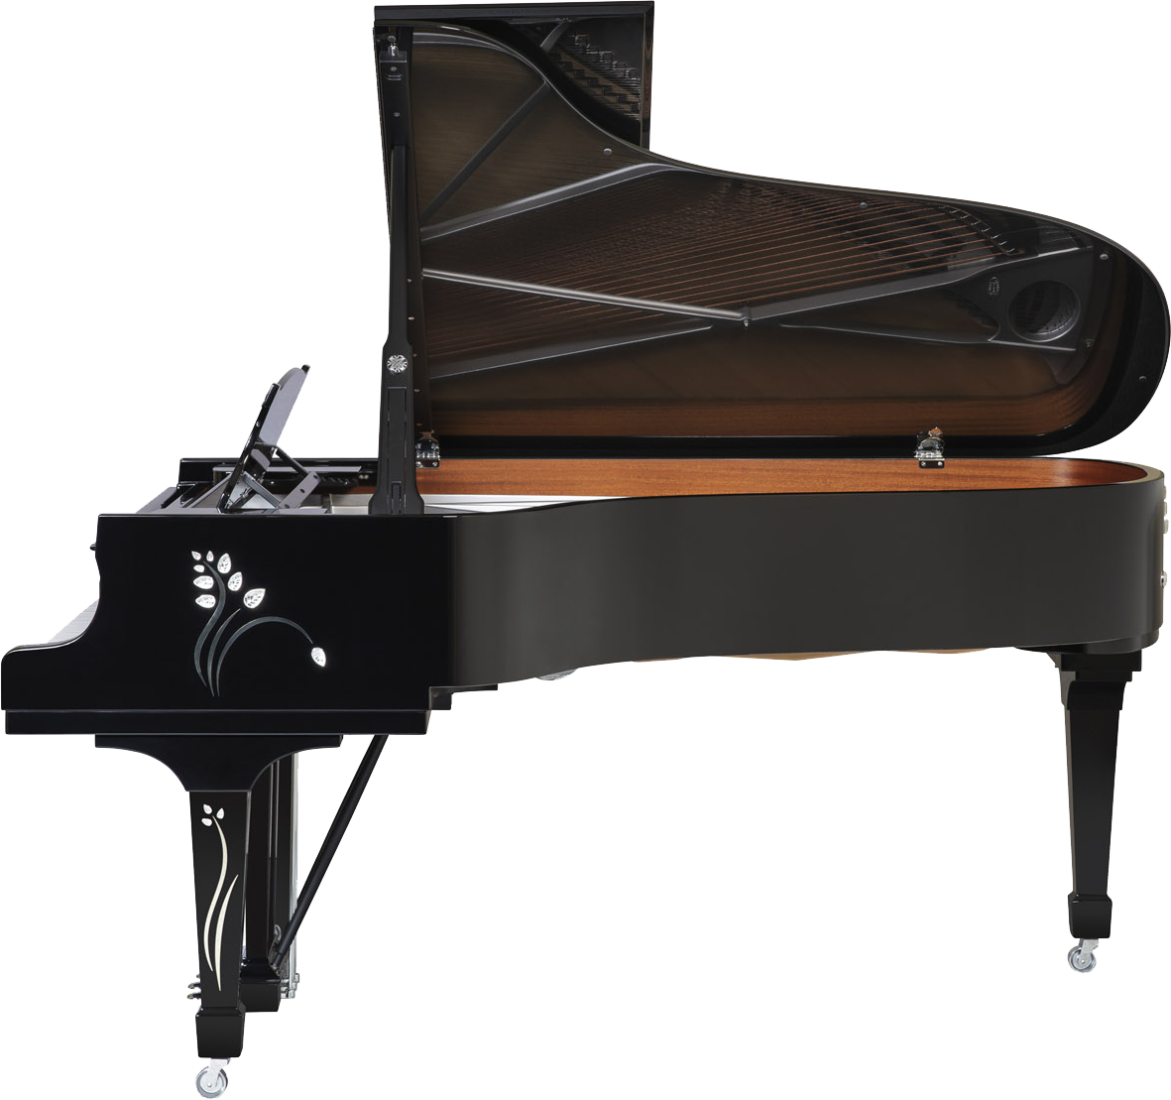 piano-cola-steinway-sons-b211-artesanal-heliconia-lalique-nuevo-edicion-limitada-negro-lateral